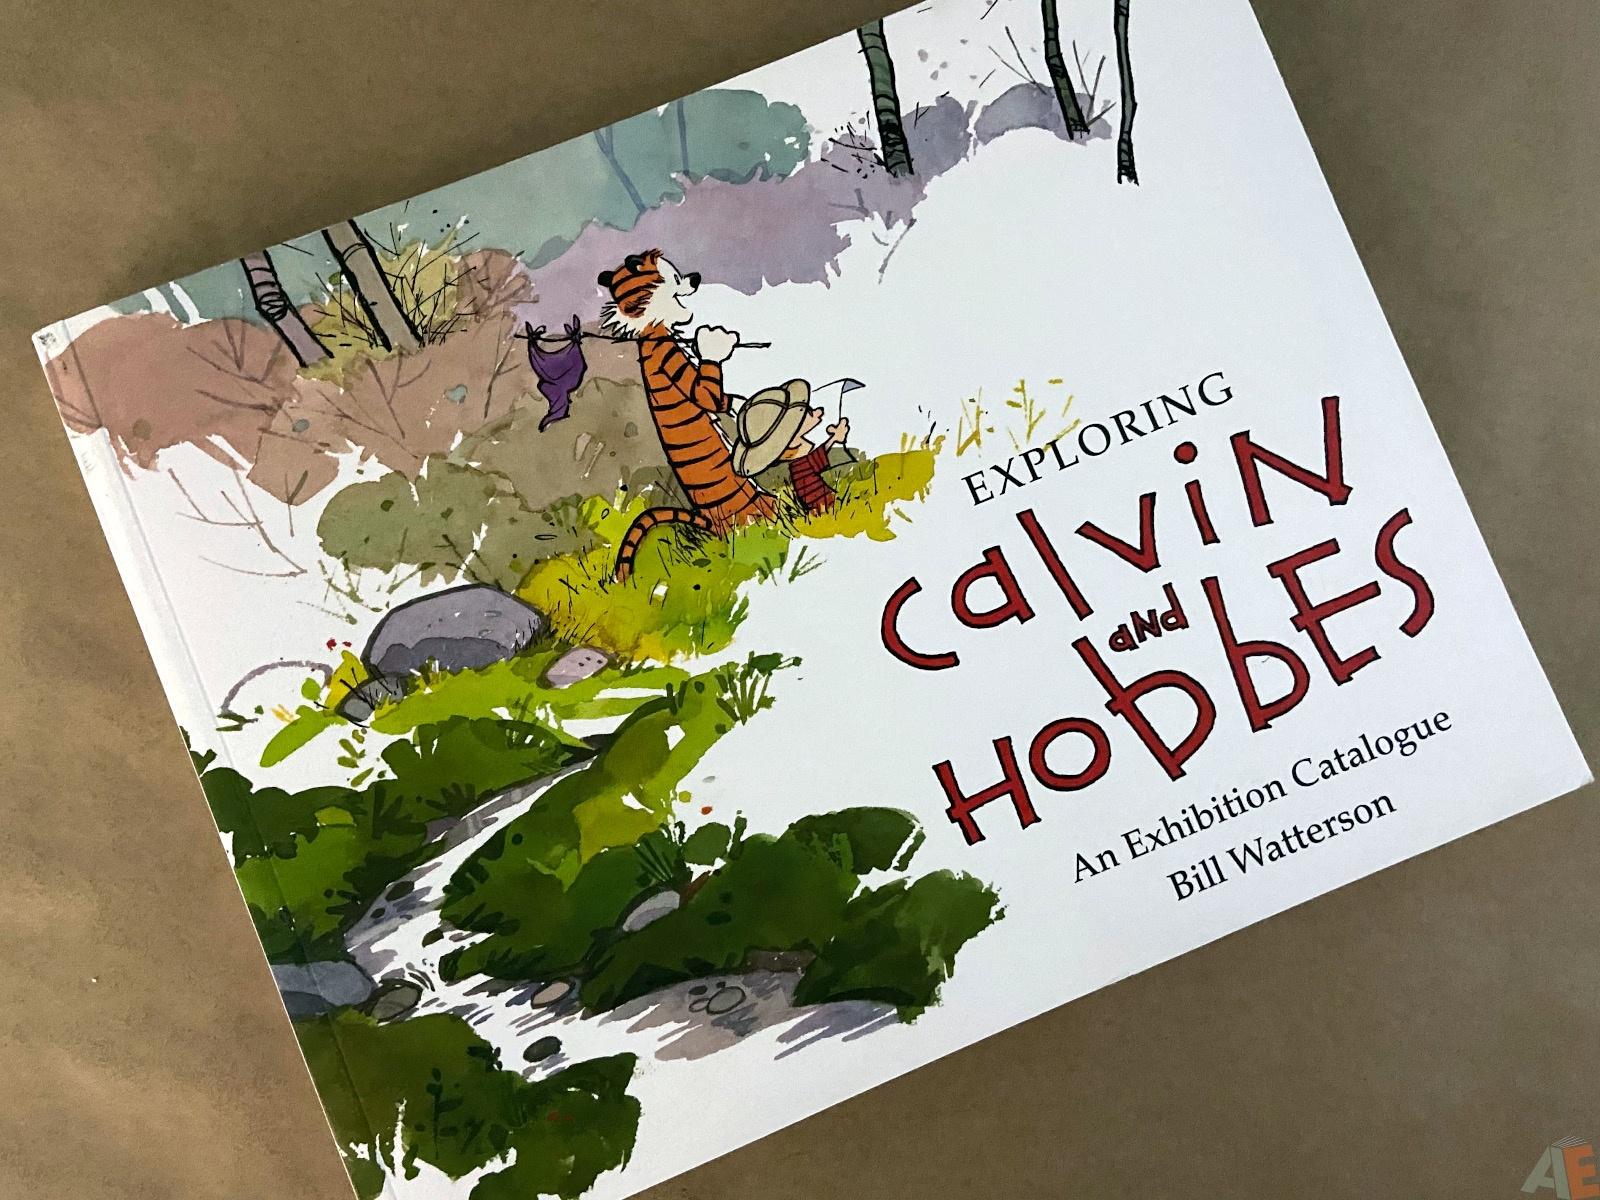 Exploring Calvin and Hobbes An Exhibition Catalogue interior 11